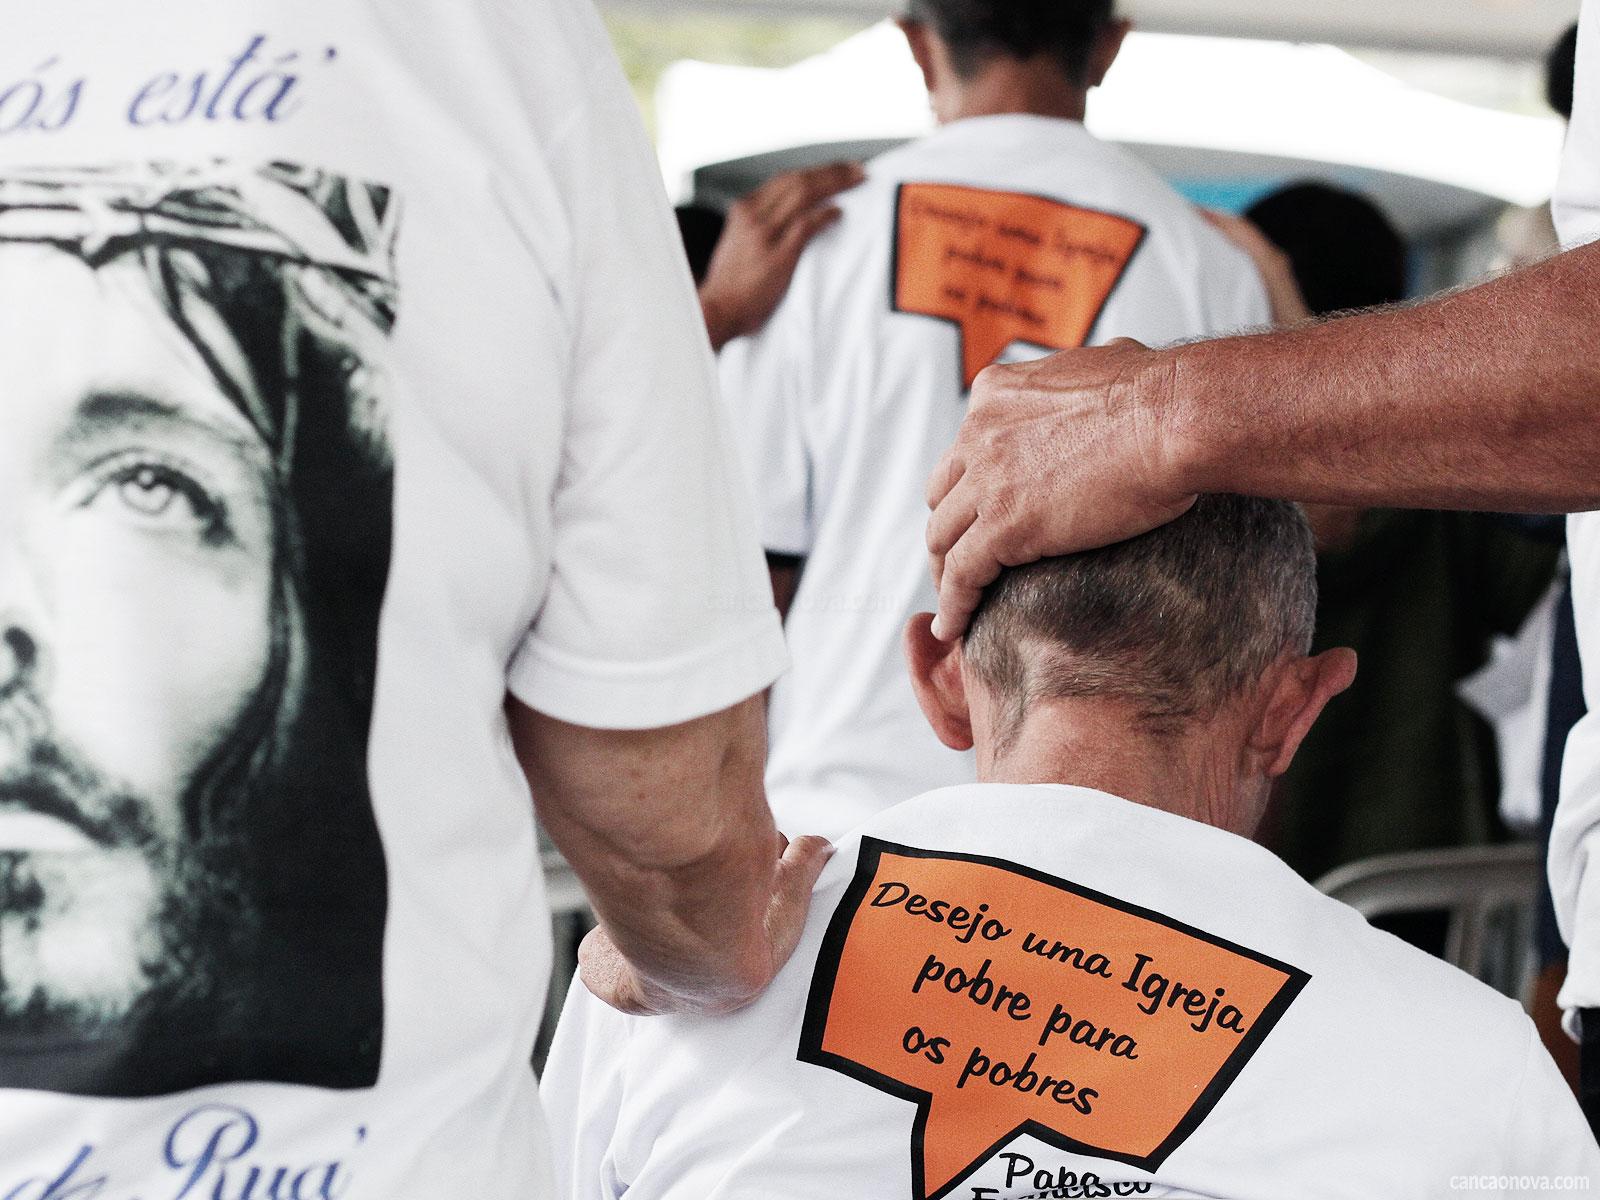 -Dia-Mundial-dos-Pobres-desafio-para-mudar-uma-cruel-realidade